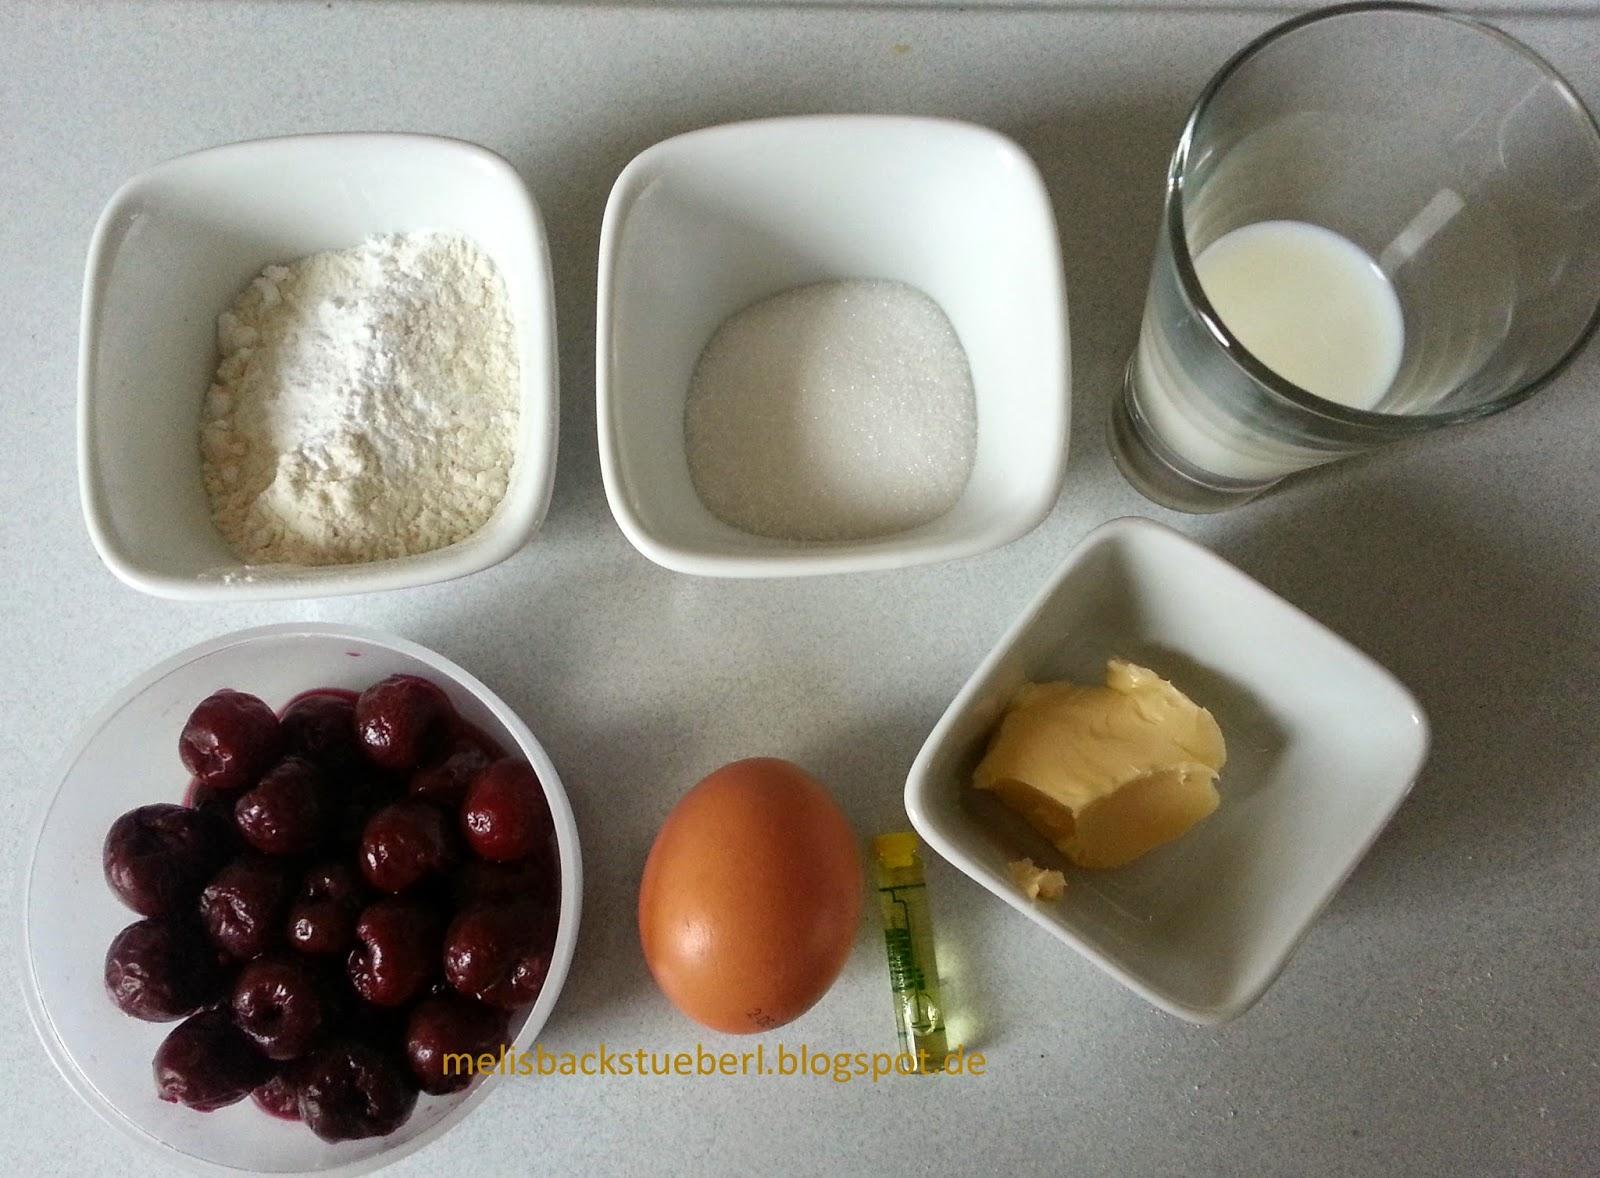 Melis Backstüberl: kleiner Herzkuchen